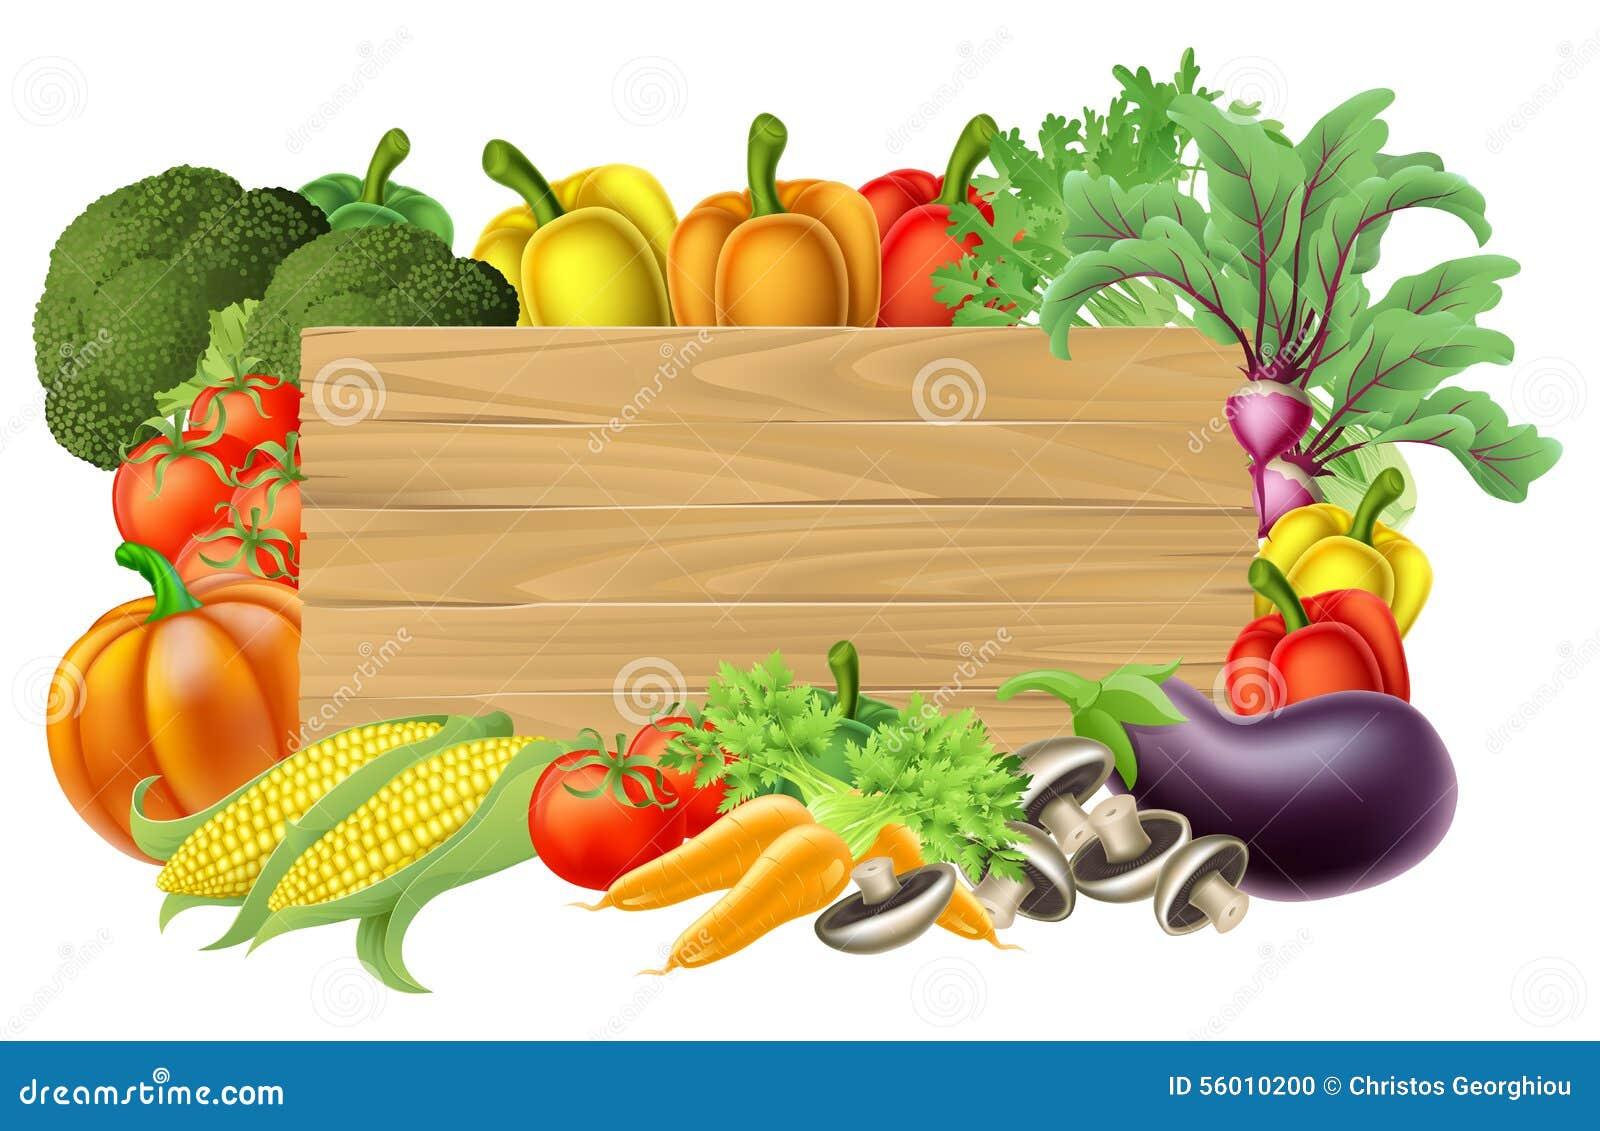 Sinal do legume fresco